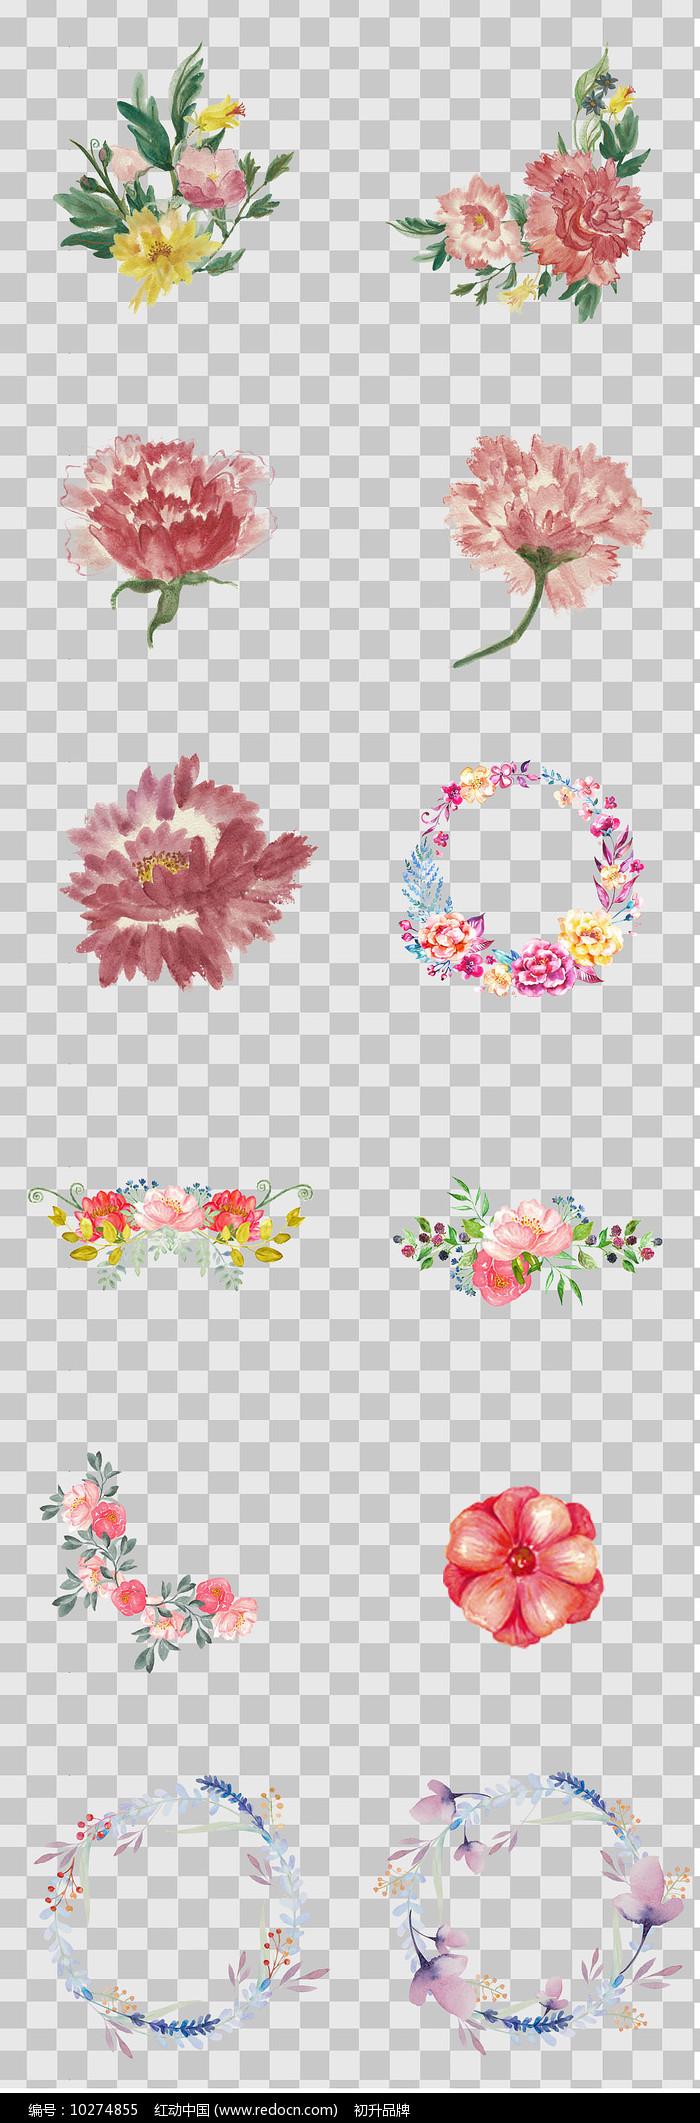 水墨风手绘花朵元素图片